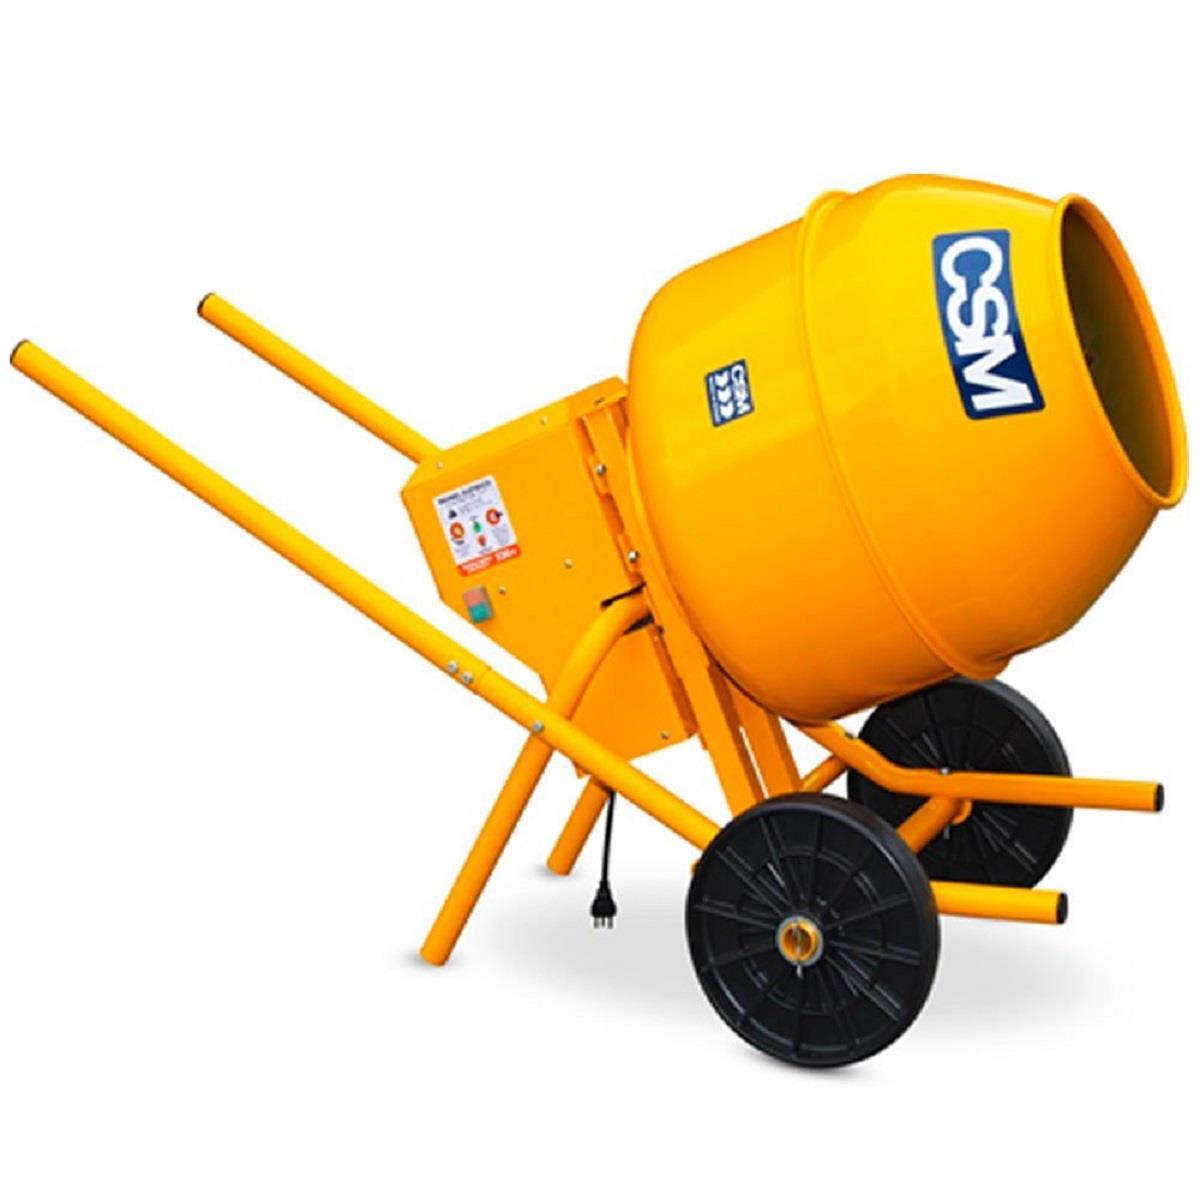 dc2922401f9 1029536 betoneira-csm-cs-130-litros-iv-polos-sem-motor z1 636676989725806626.jpg